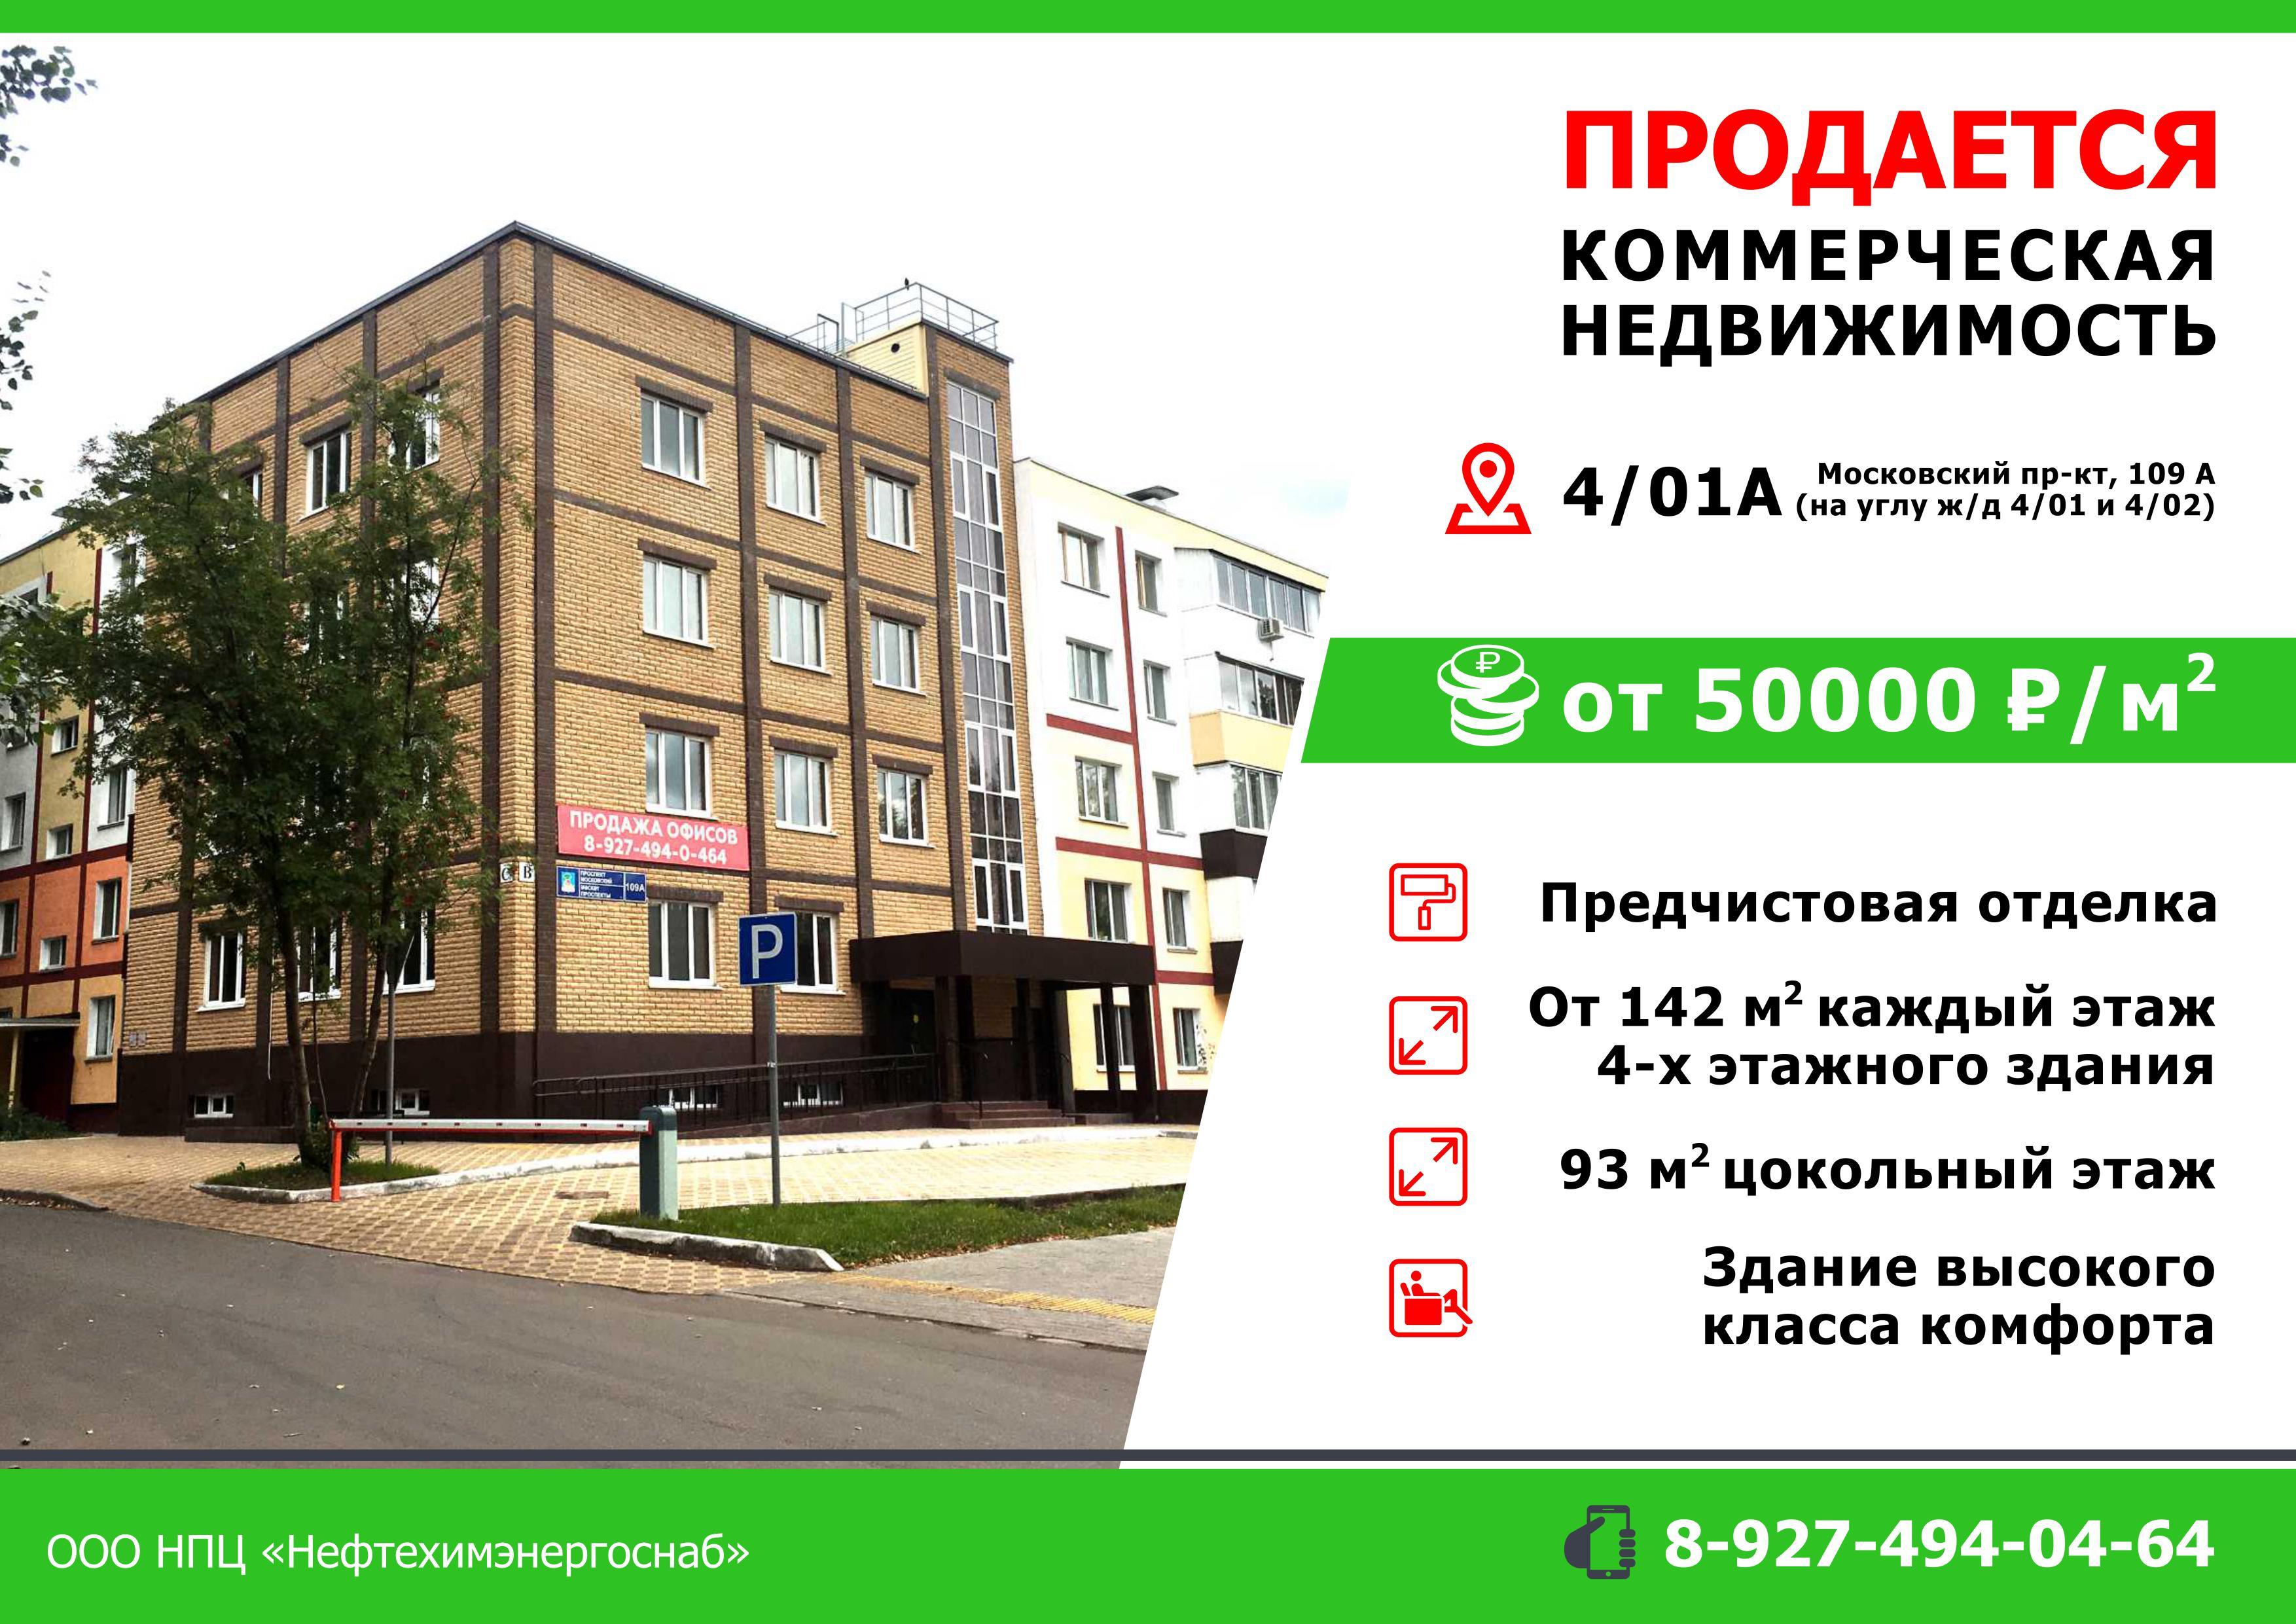 Продажа рекламы в коммерческой недвижимости аренда коммерческой недвижимости в павлограде